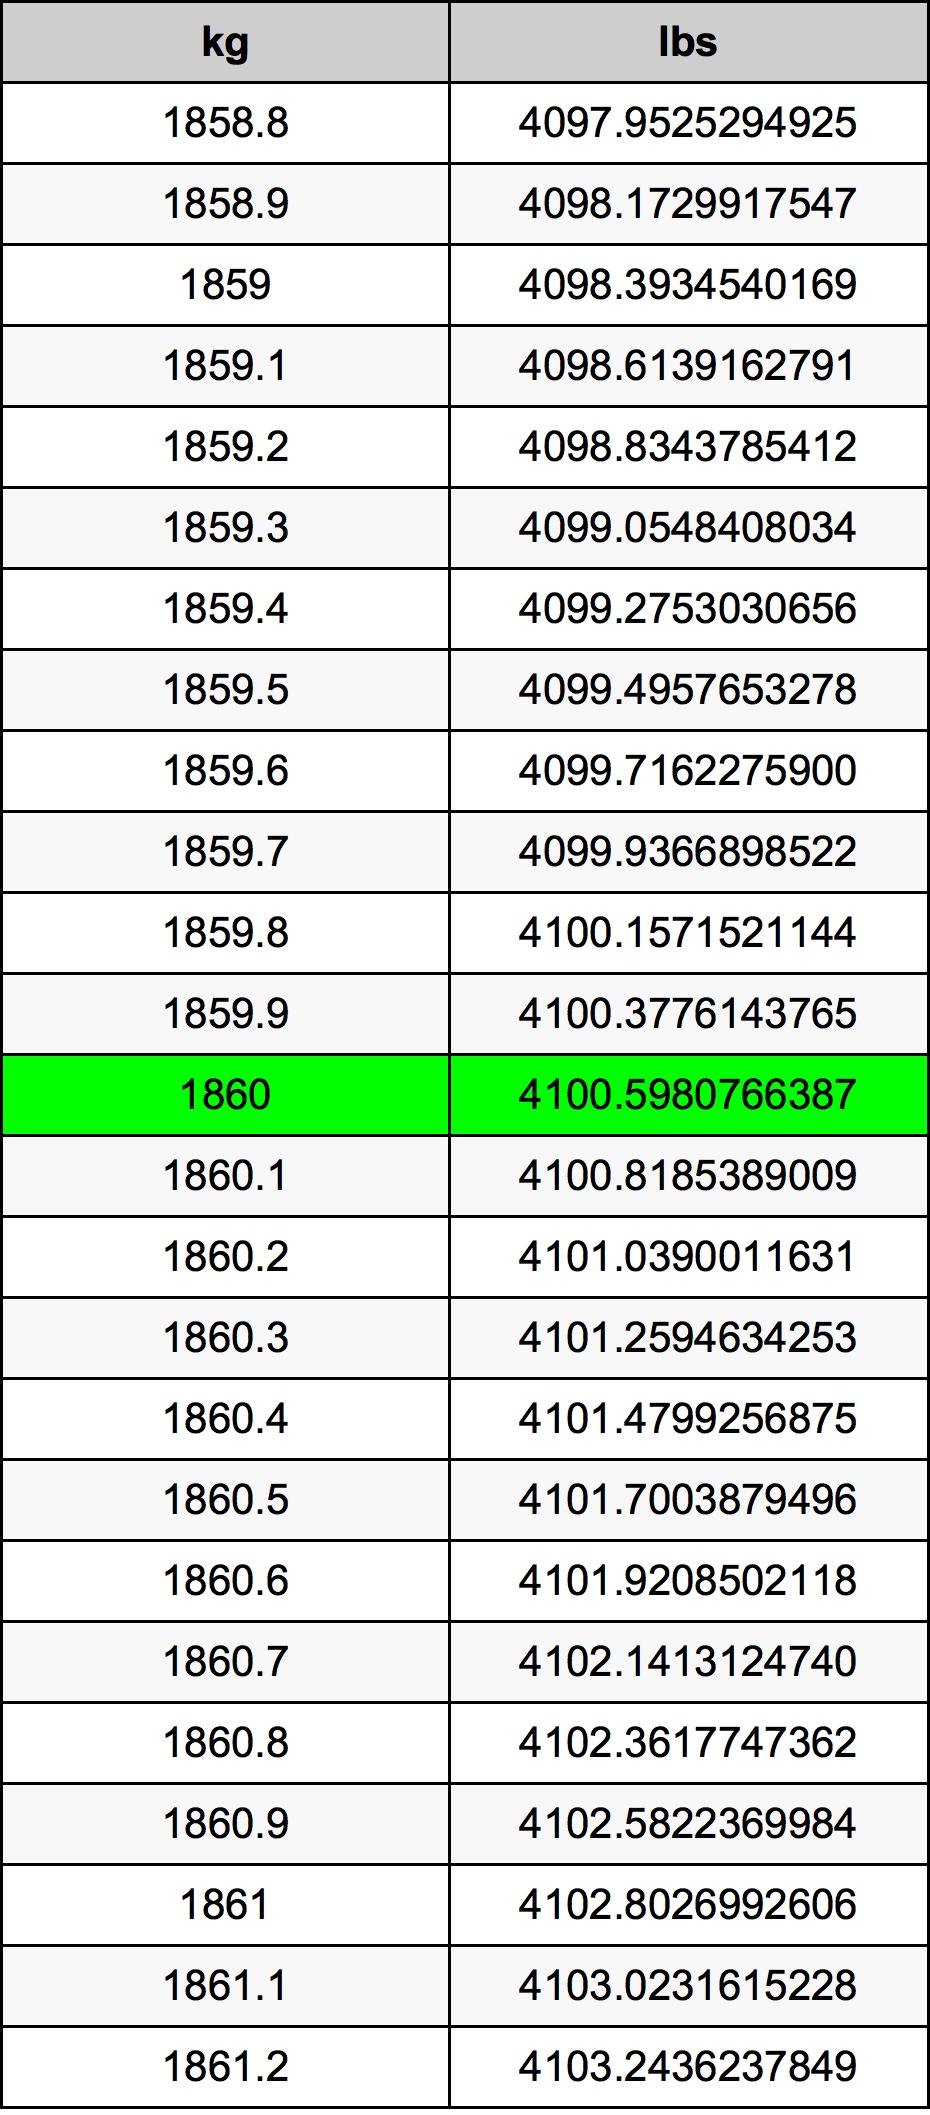 1860 Kilogram Table